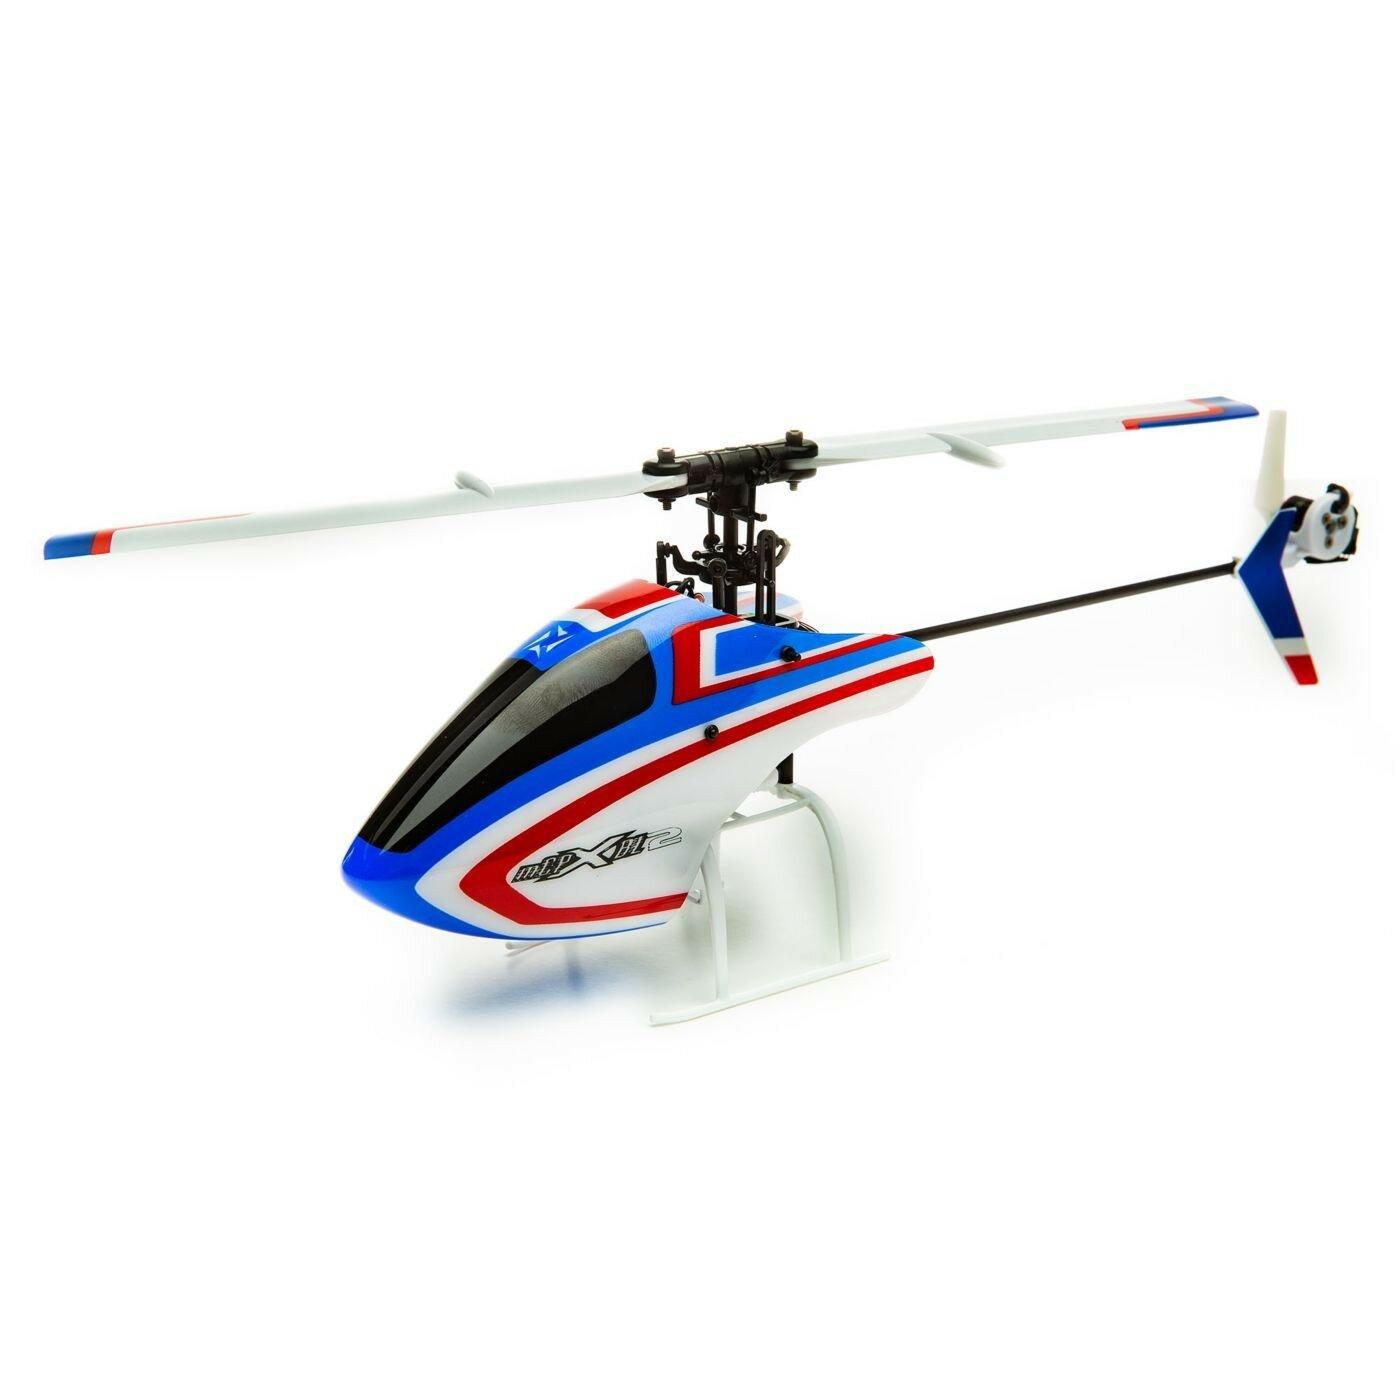 Вертолет Blade 1:6 фото 1